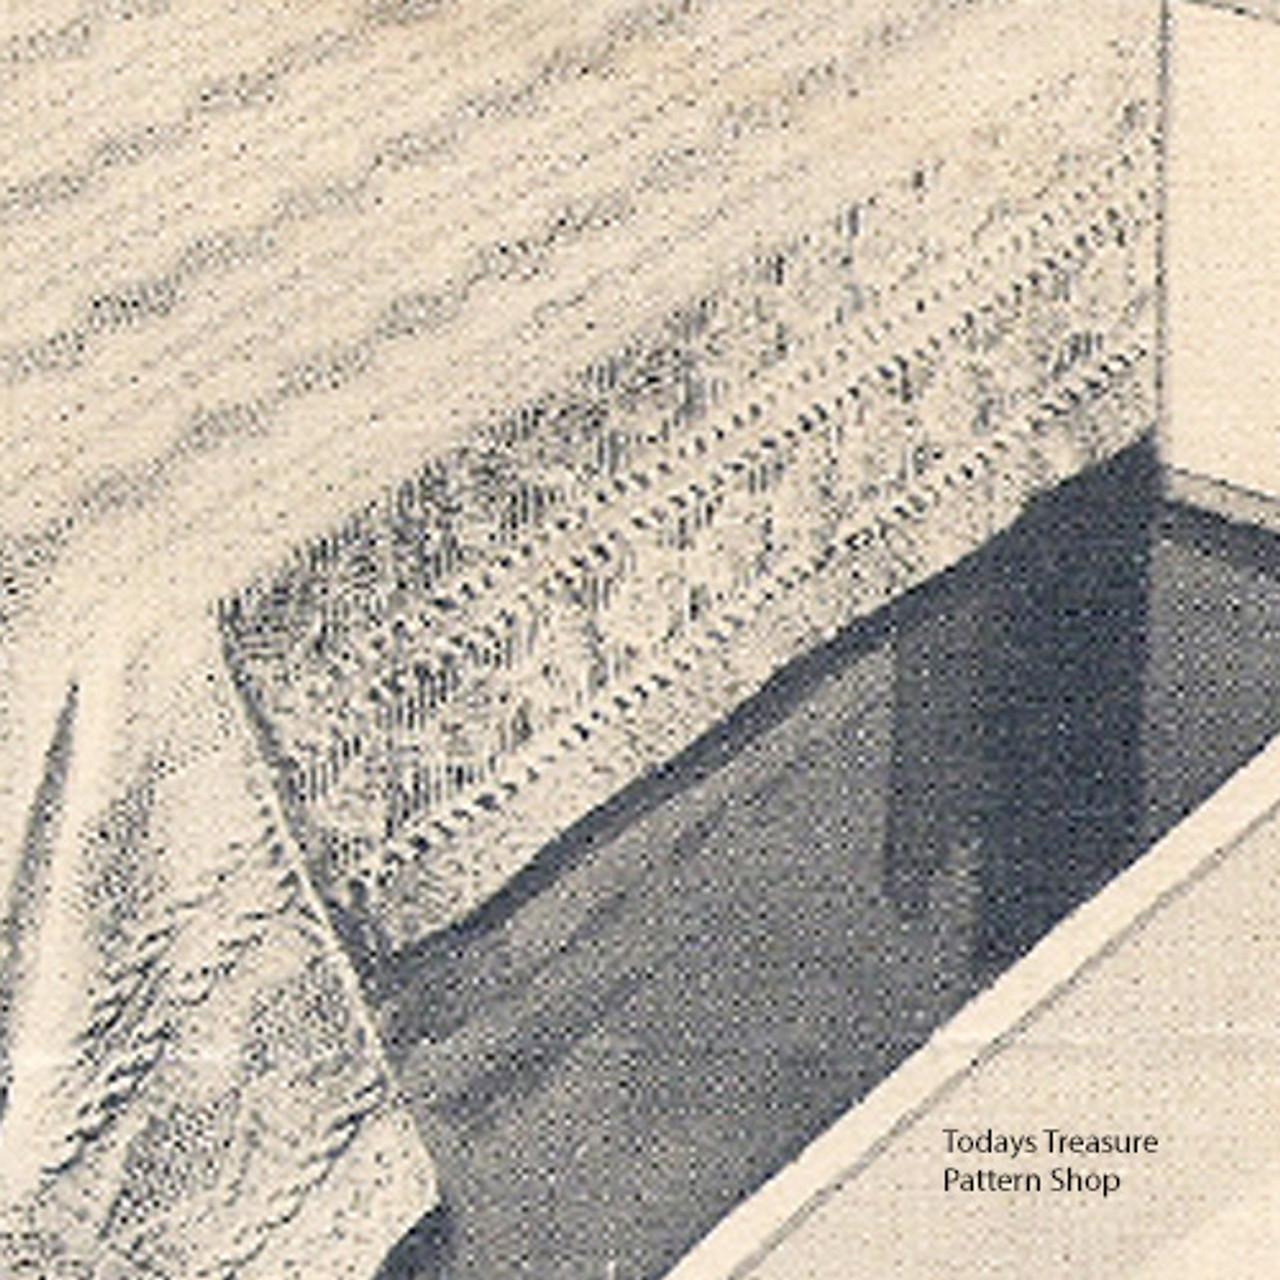 Vintage Knitting Pattern for Trailing Vine Bedspread